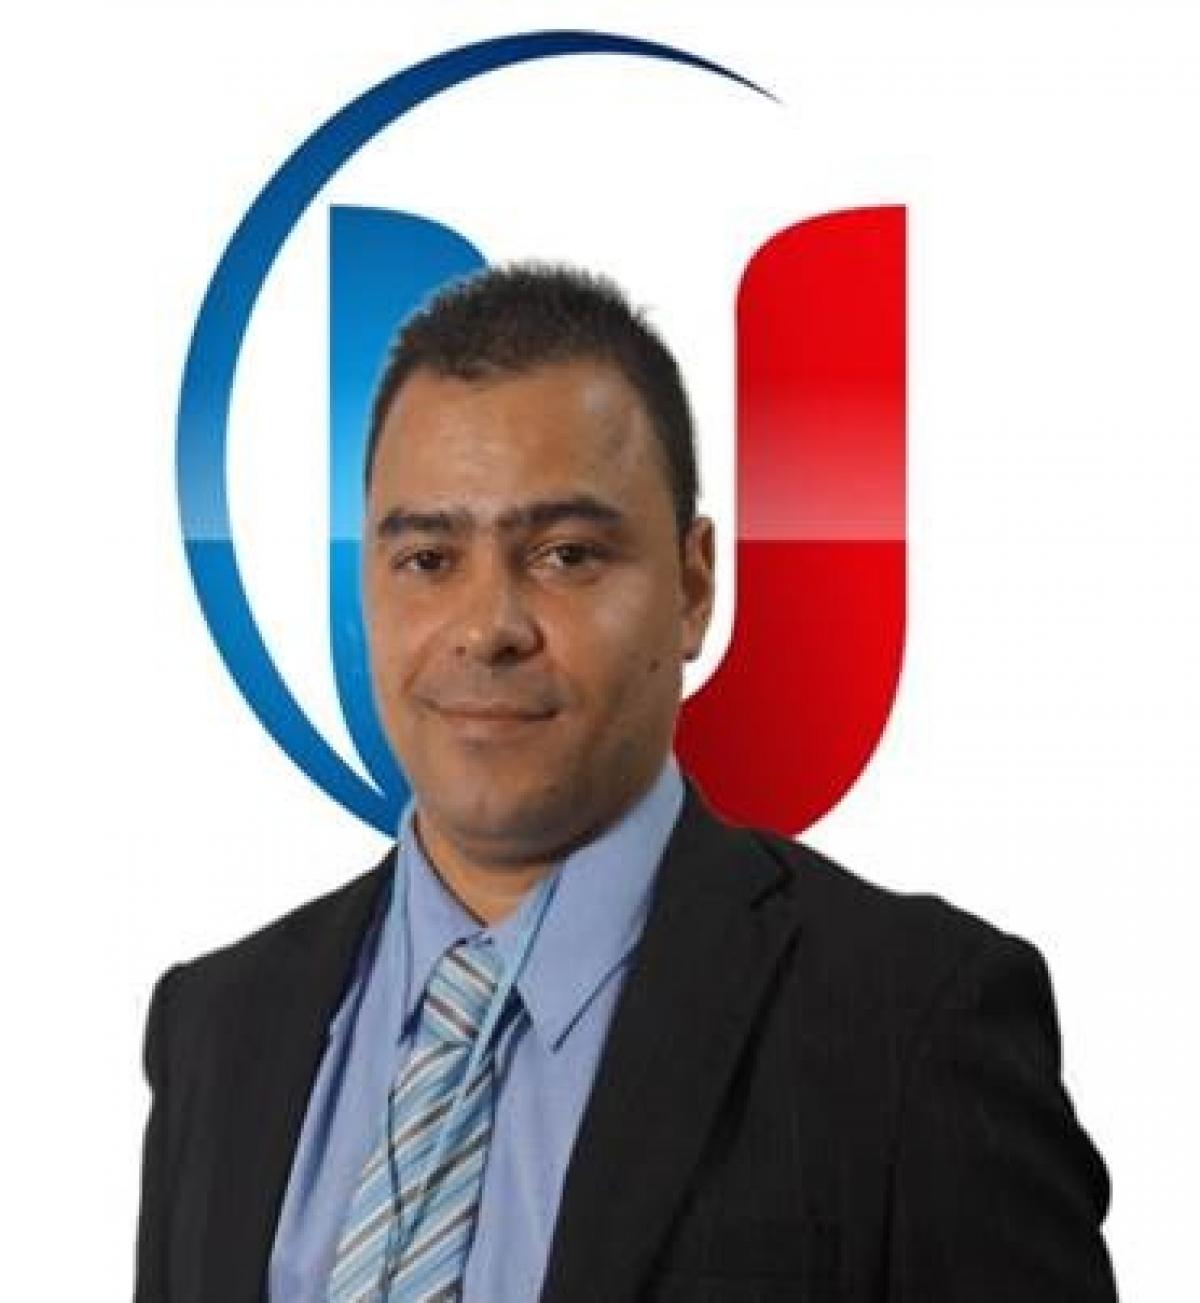 Uilen Filipe dos Santos Lima